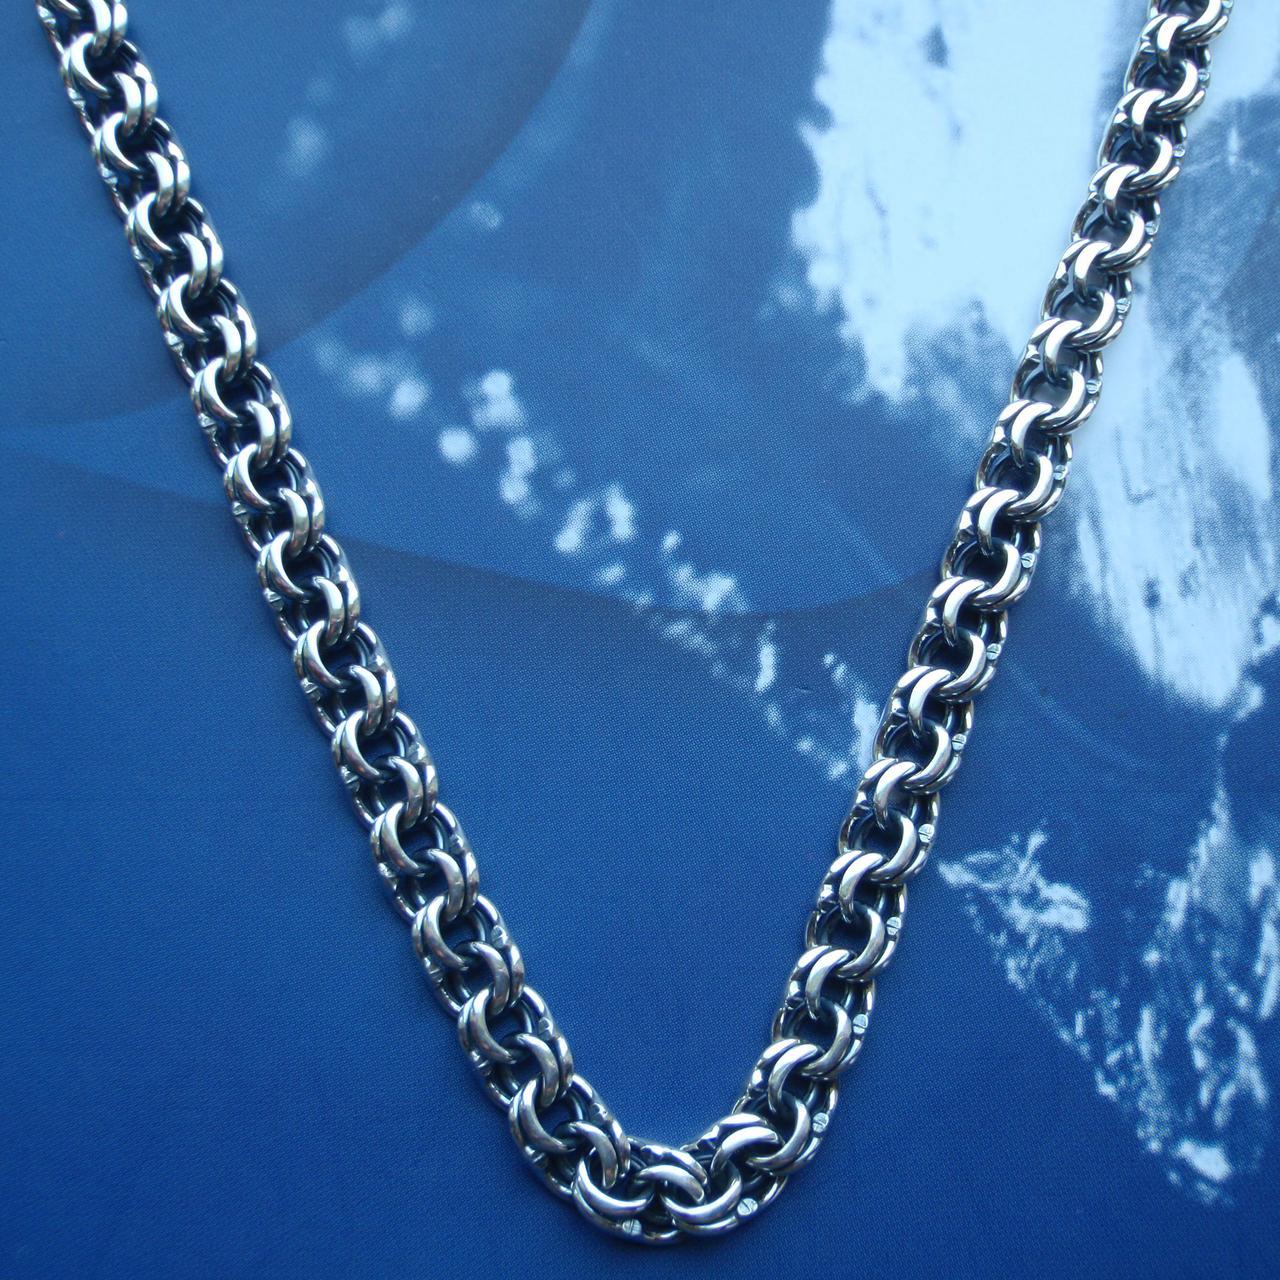 Серебряная цепочка, 550мм, 23 грамма, плетение Бисмарк